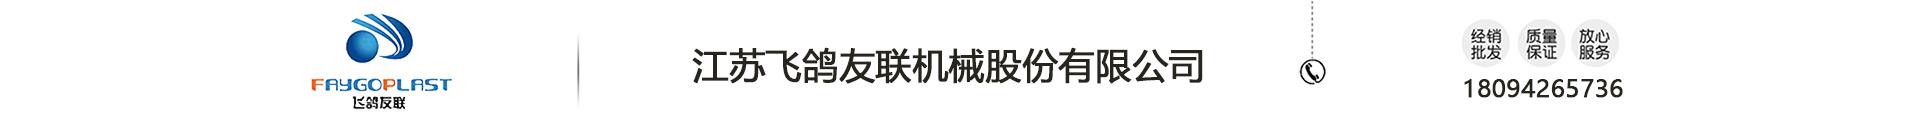 江蘇飛鴿友連線械股份有限公司